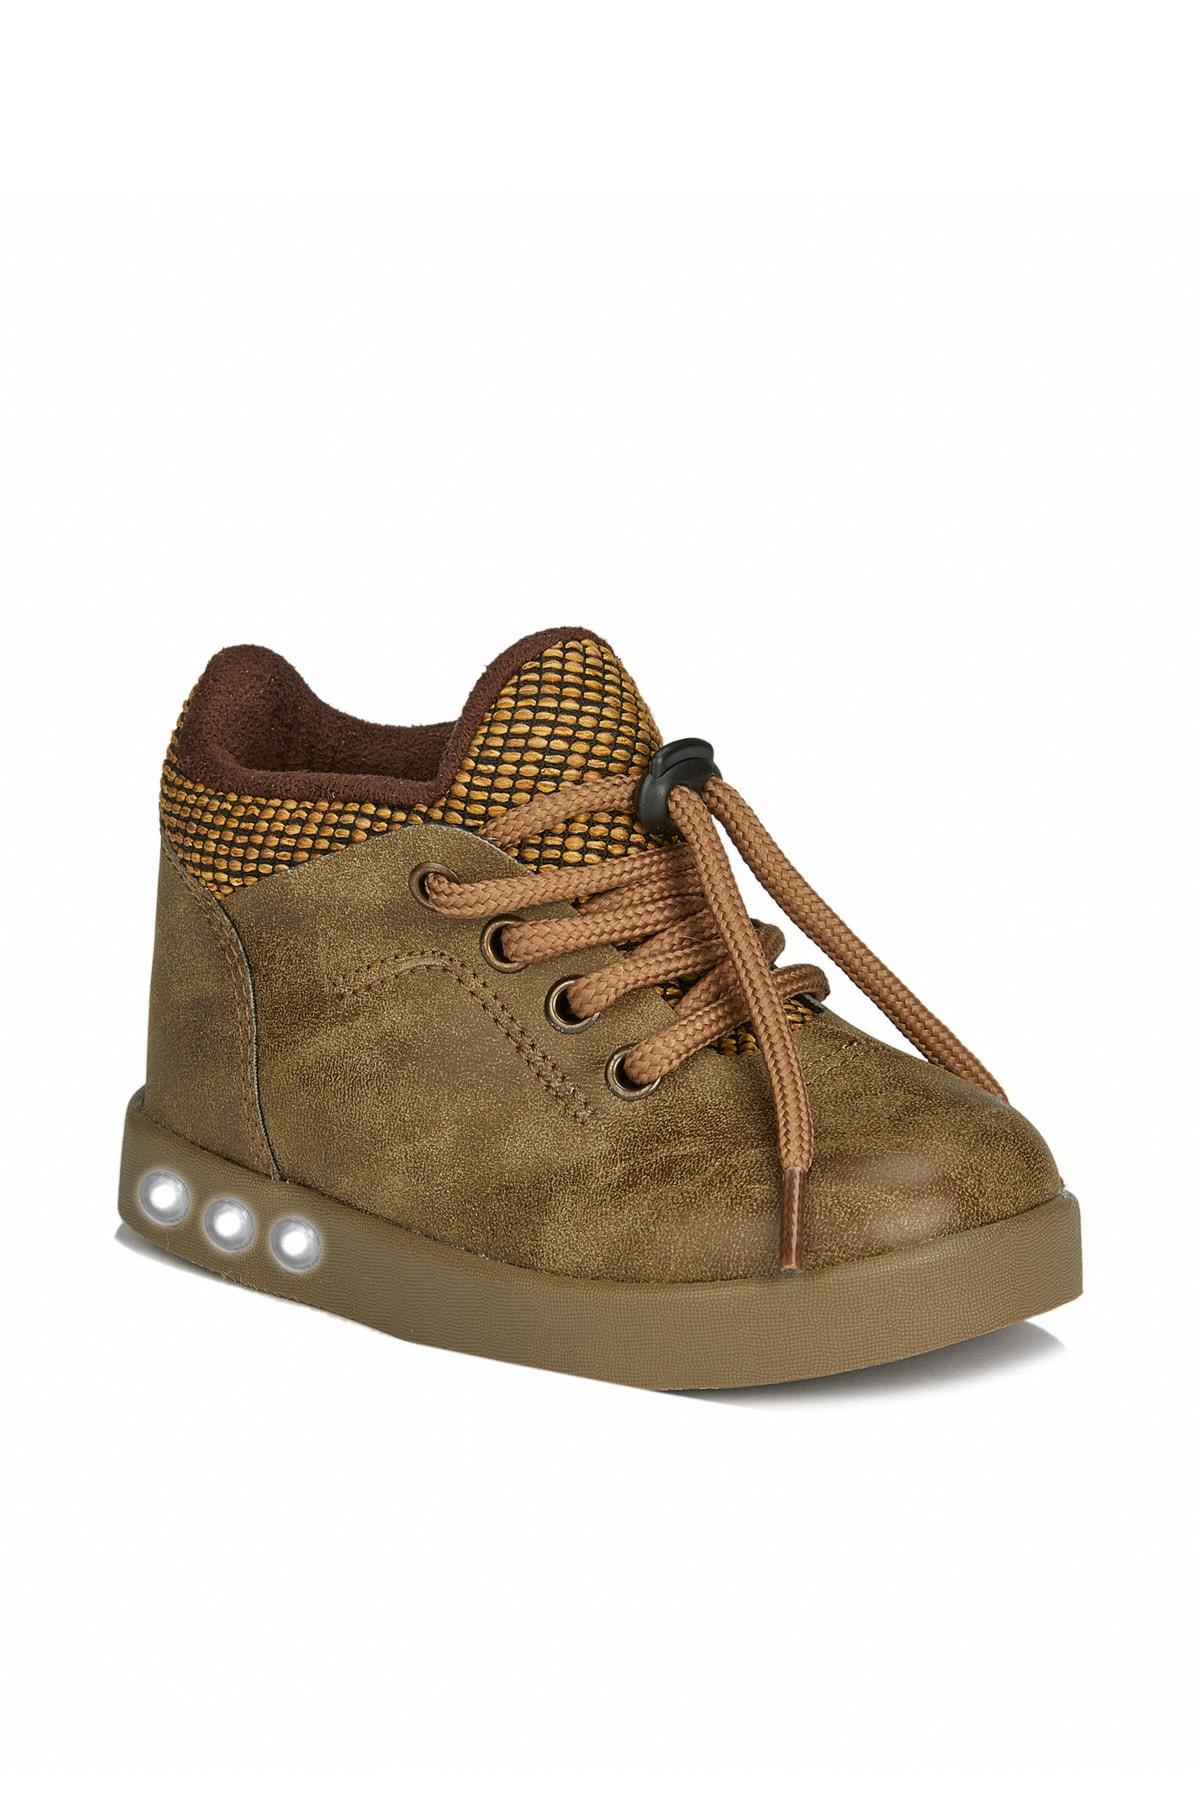 Vicco Hiro Erkek Bebe Kum Günlük Ayakkabı 1